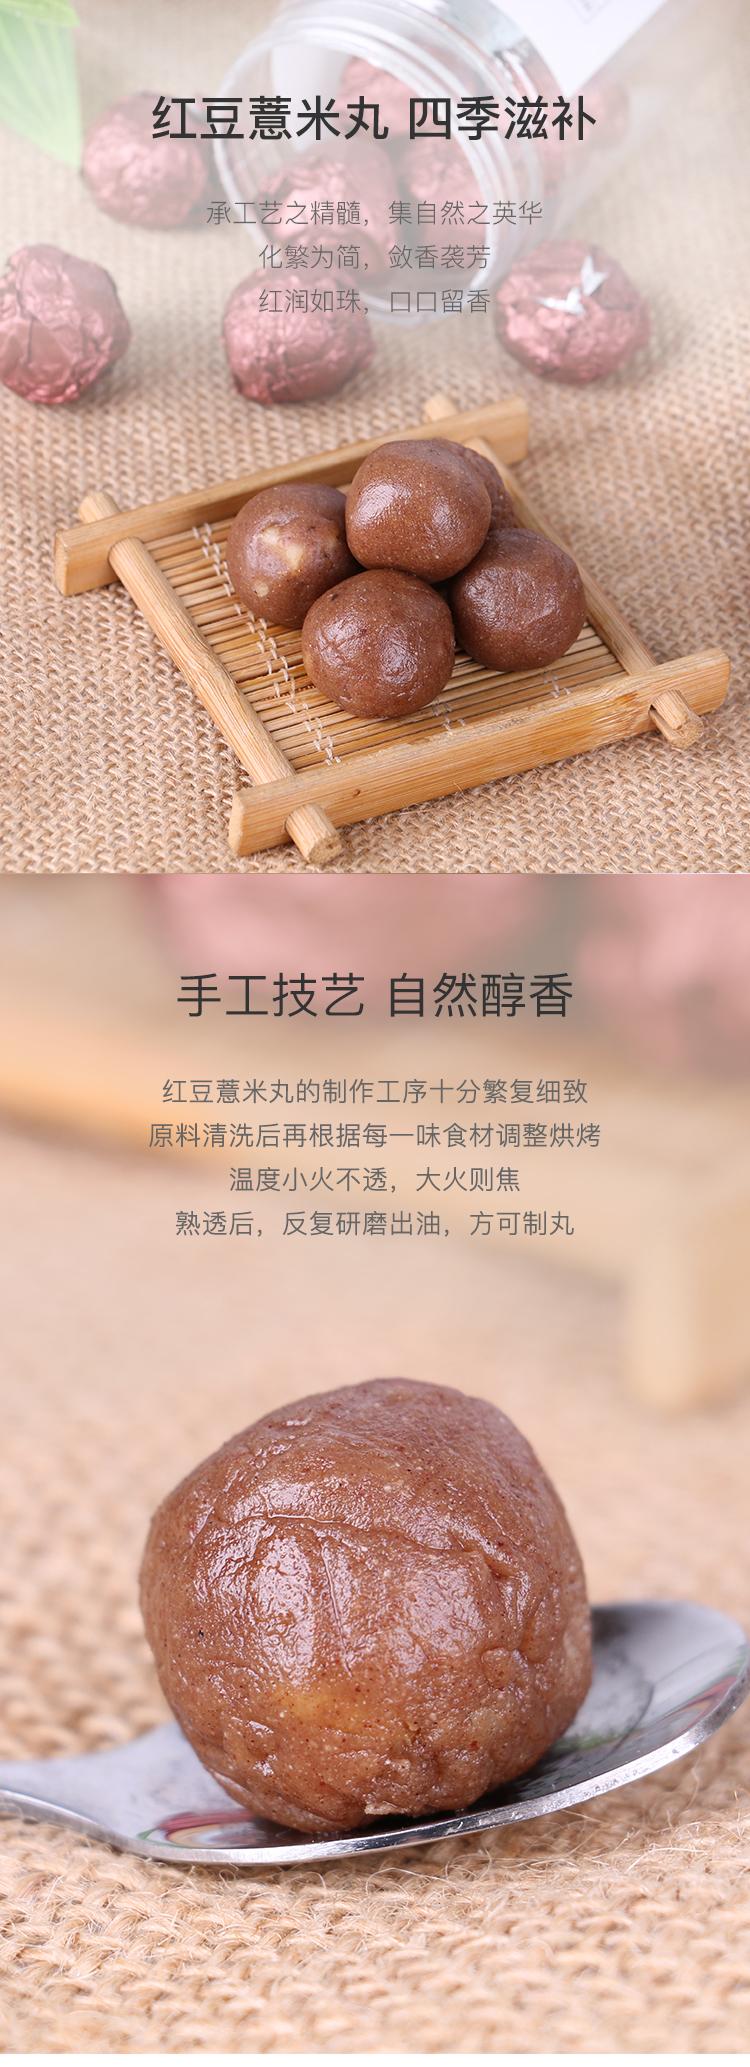 网易严选红豆薏米丸_01.jpg